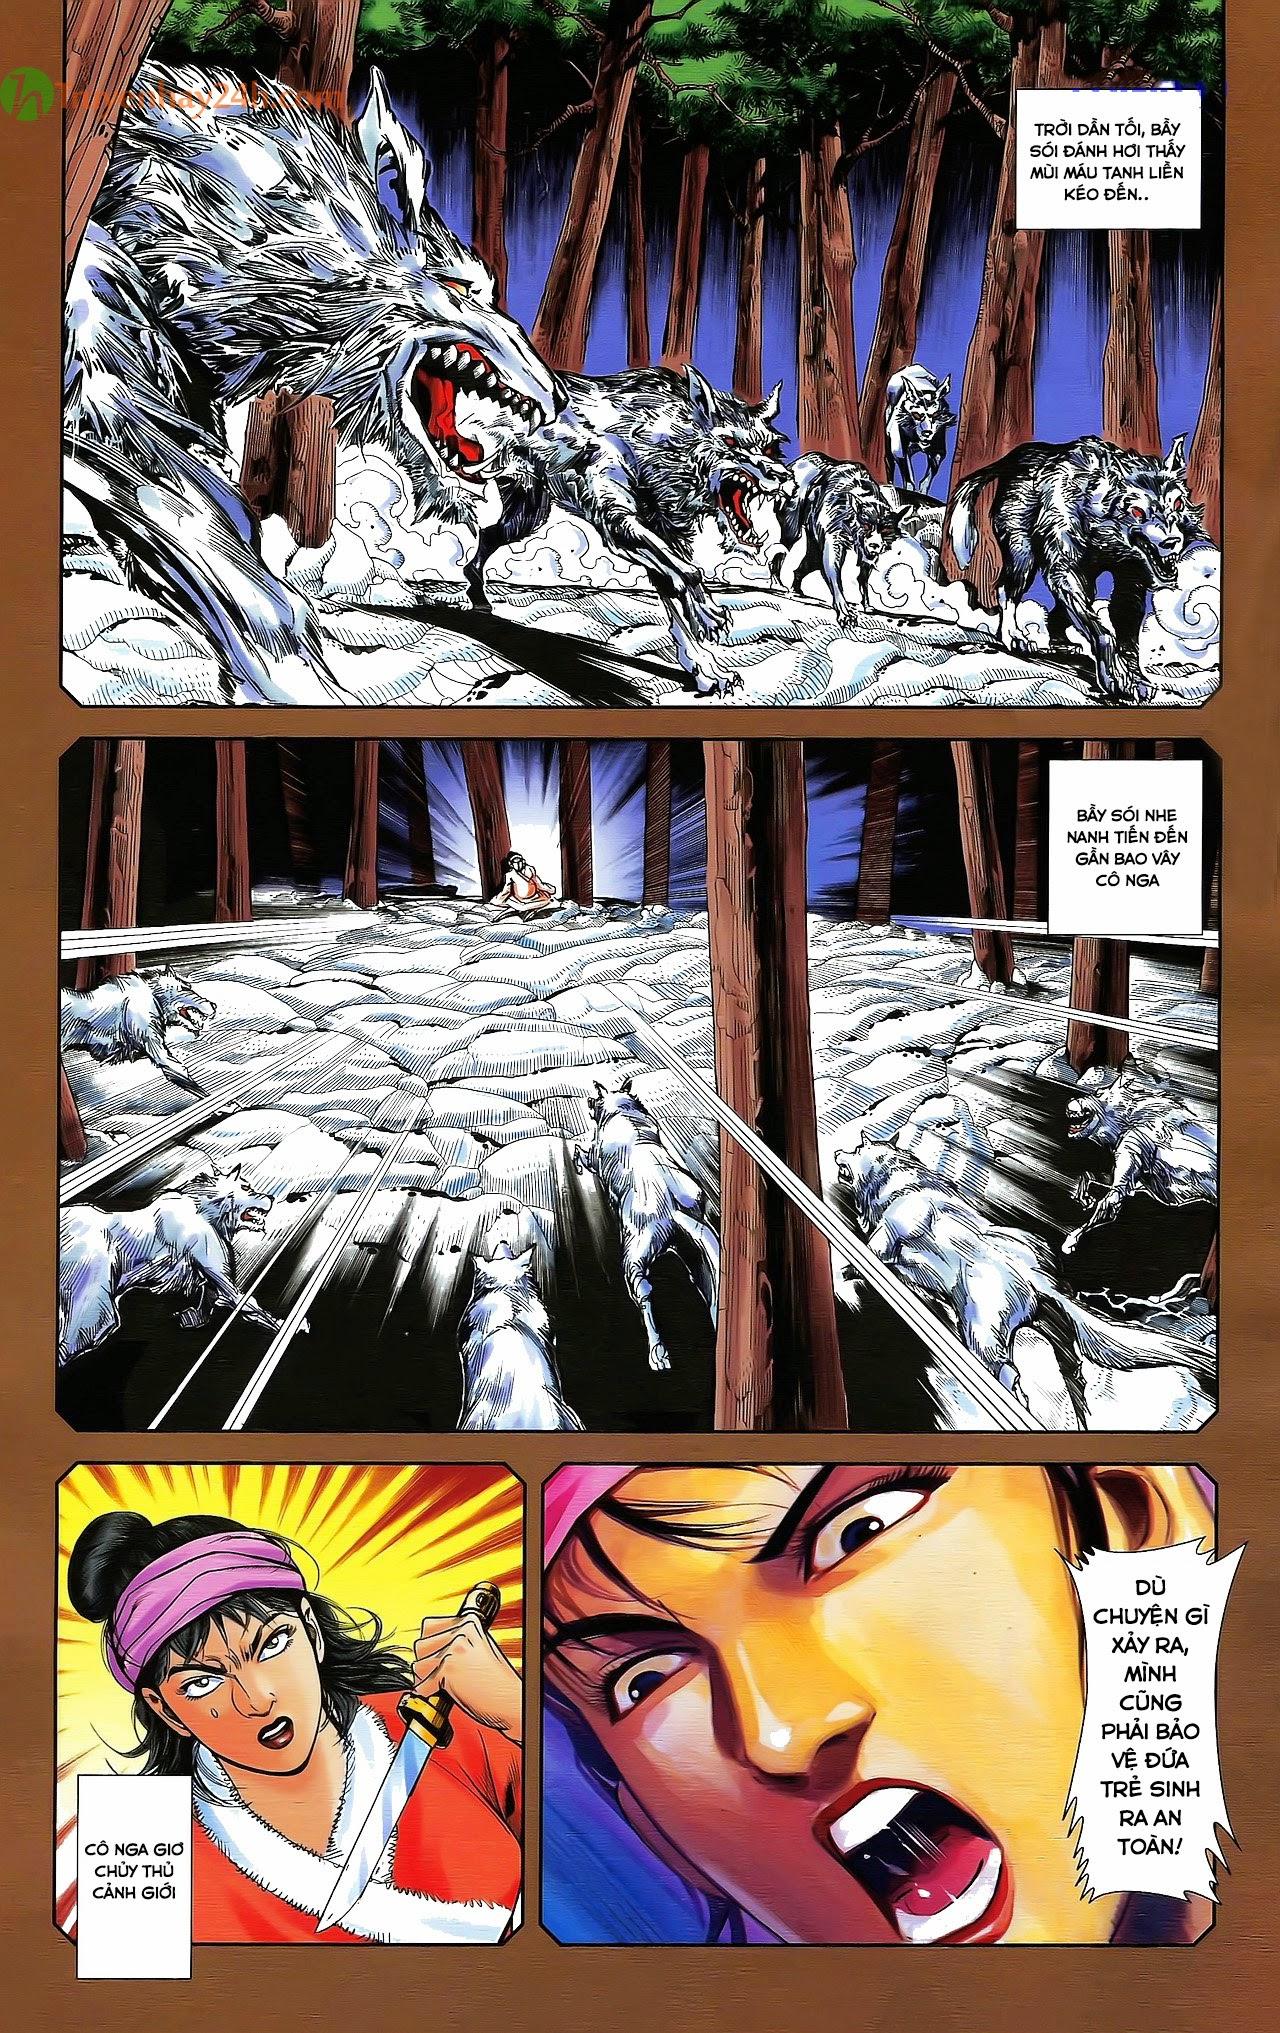 Tần Vương Doanh Chính chapter 29.2 trang 13